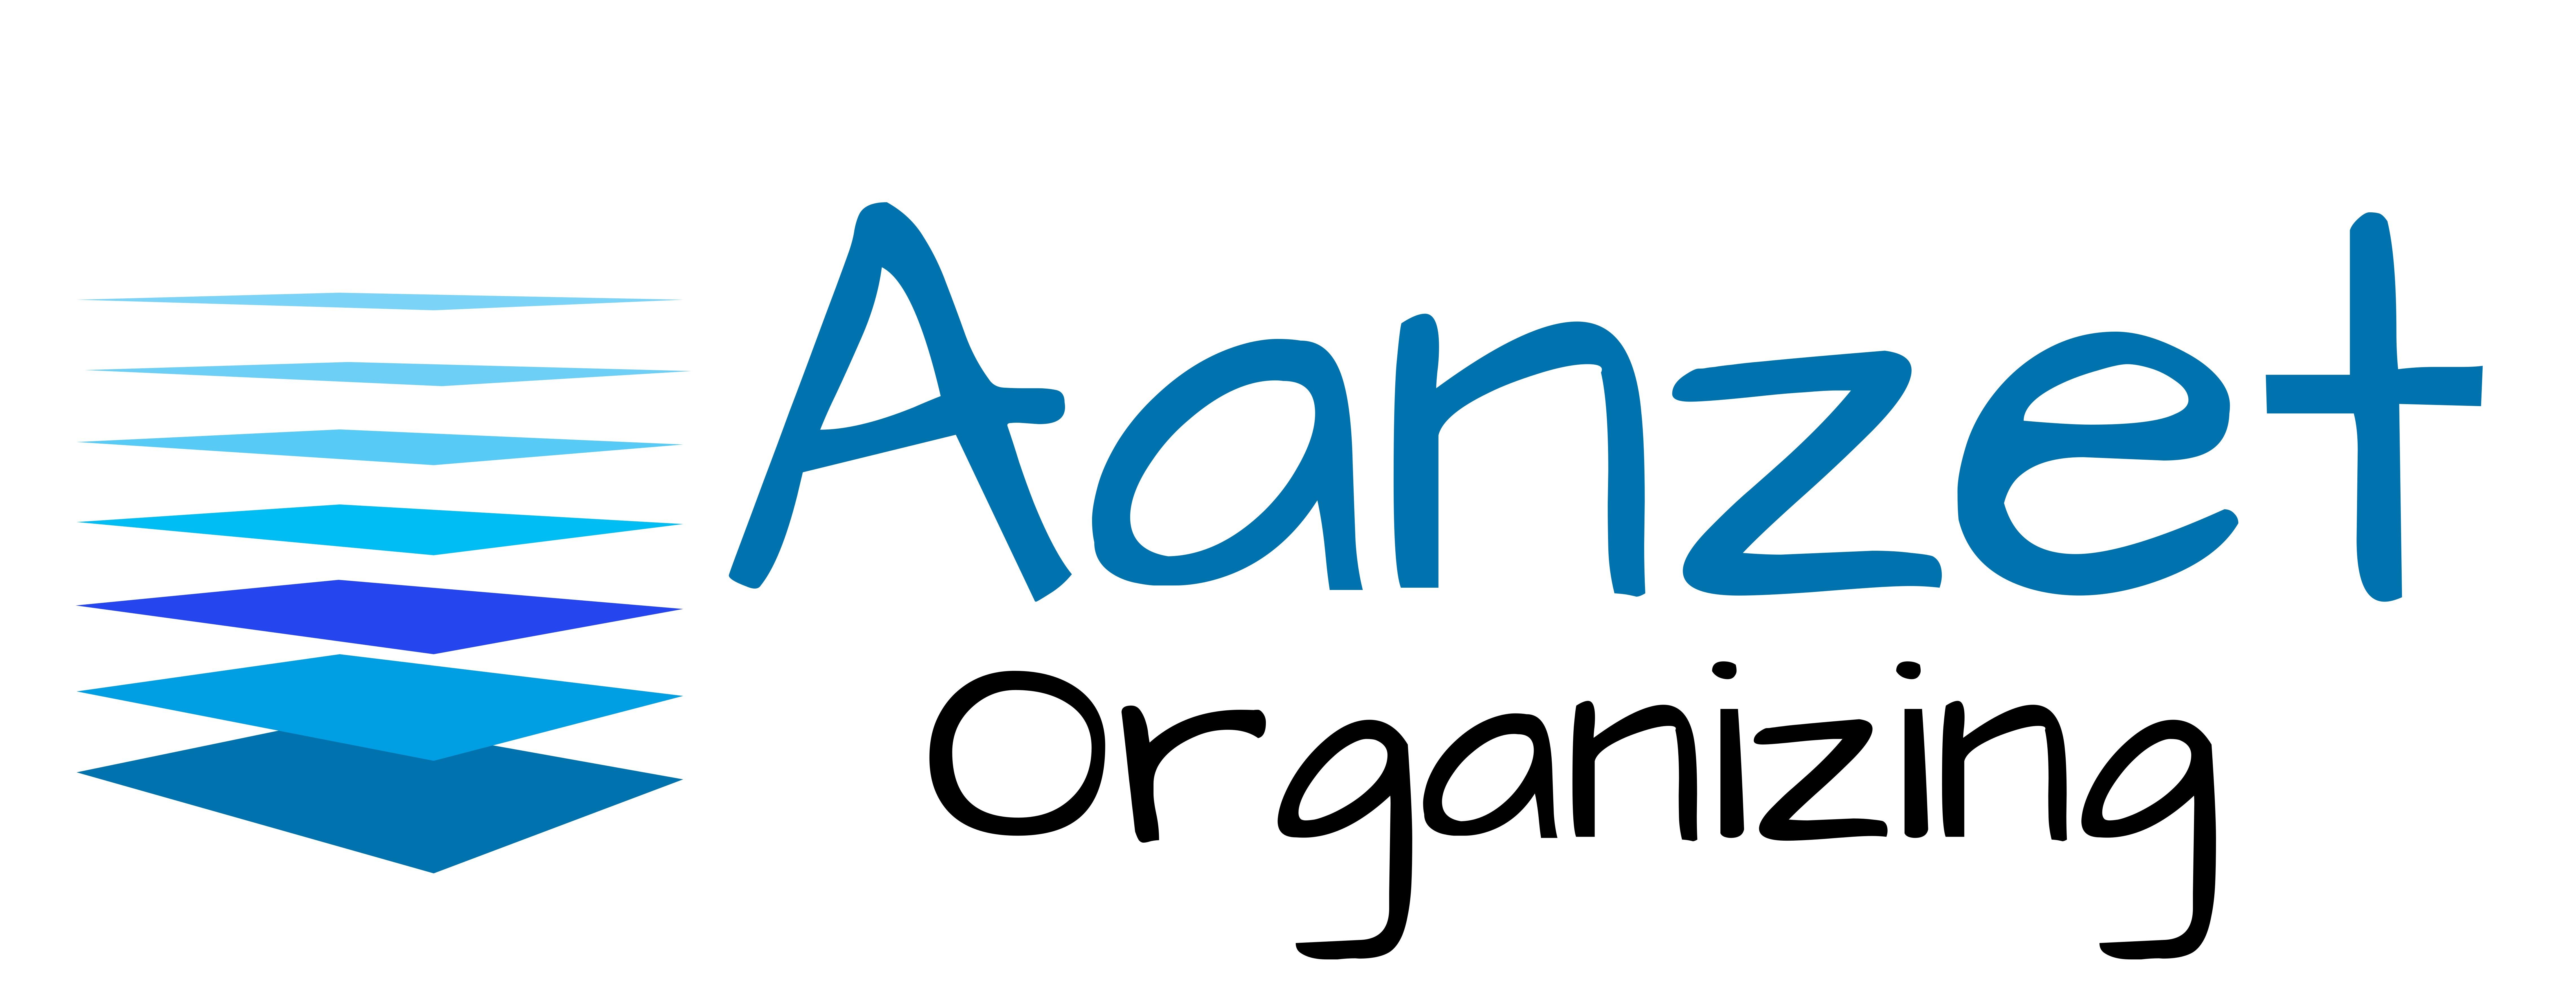 Aanzet Organizing | Professional Organizer Annet Wortelboer